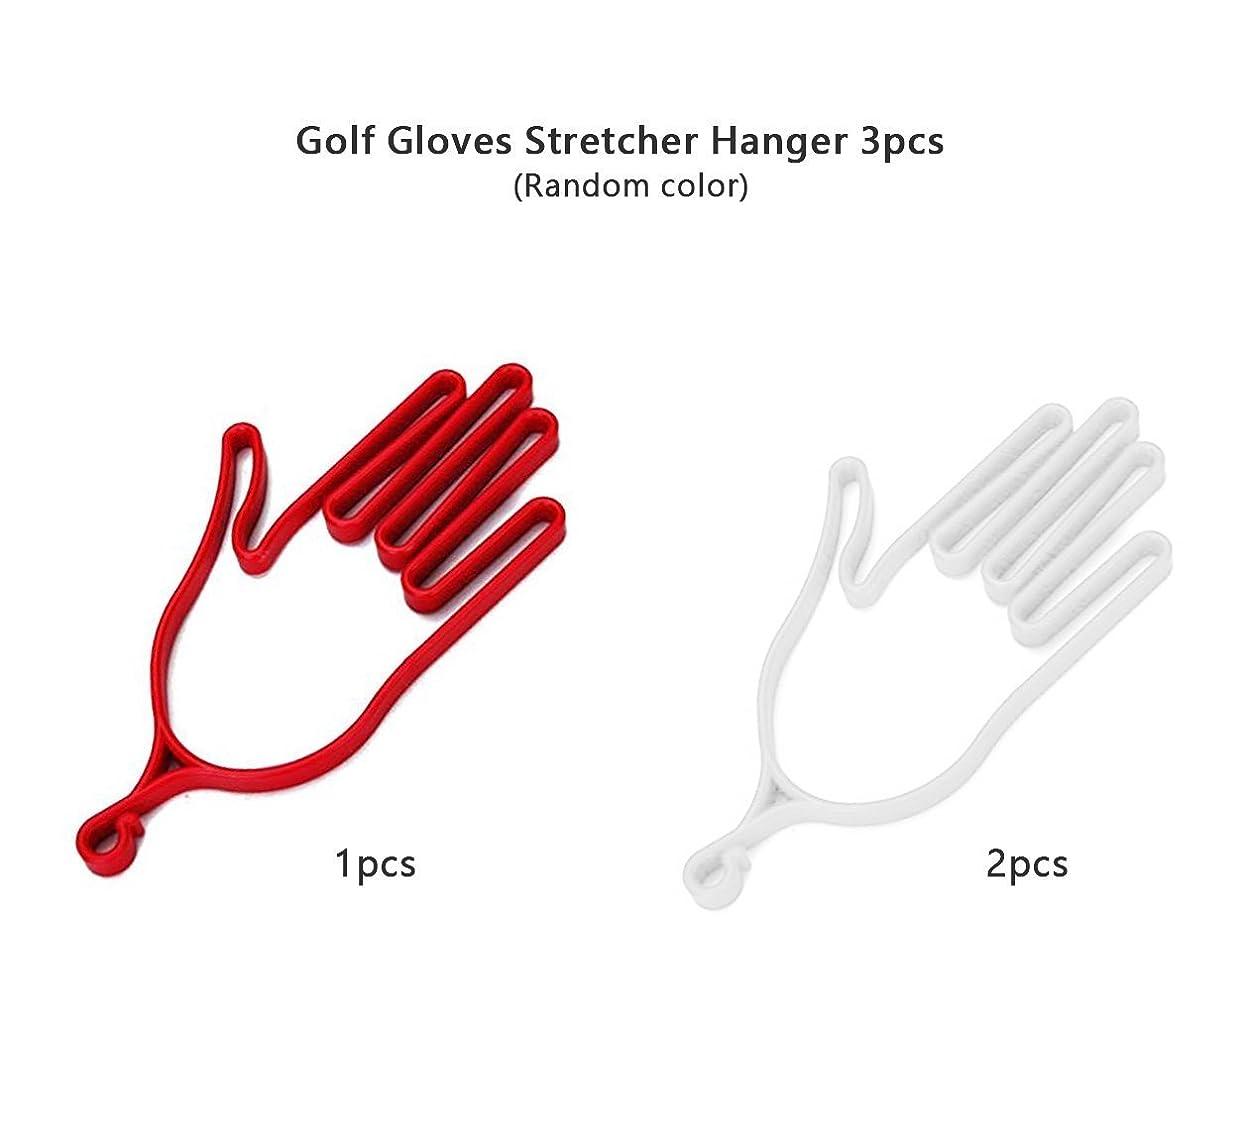 つかまえる理容室ベンチャーIDホームposma gh010usゴルフグローブストレッチャーハンガー3pcsセット耐久性スポーツ手袋サポートフレーム